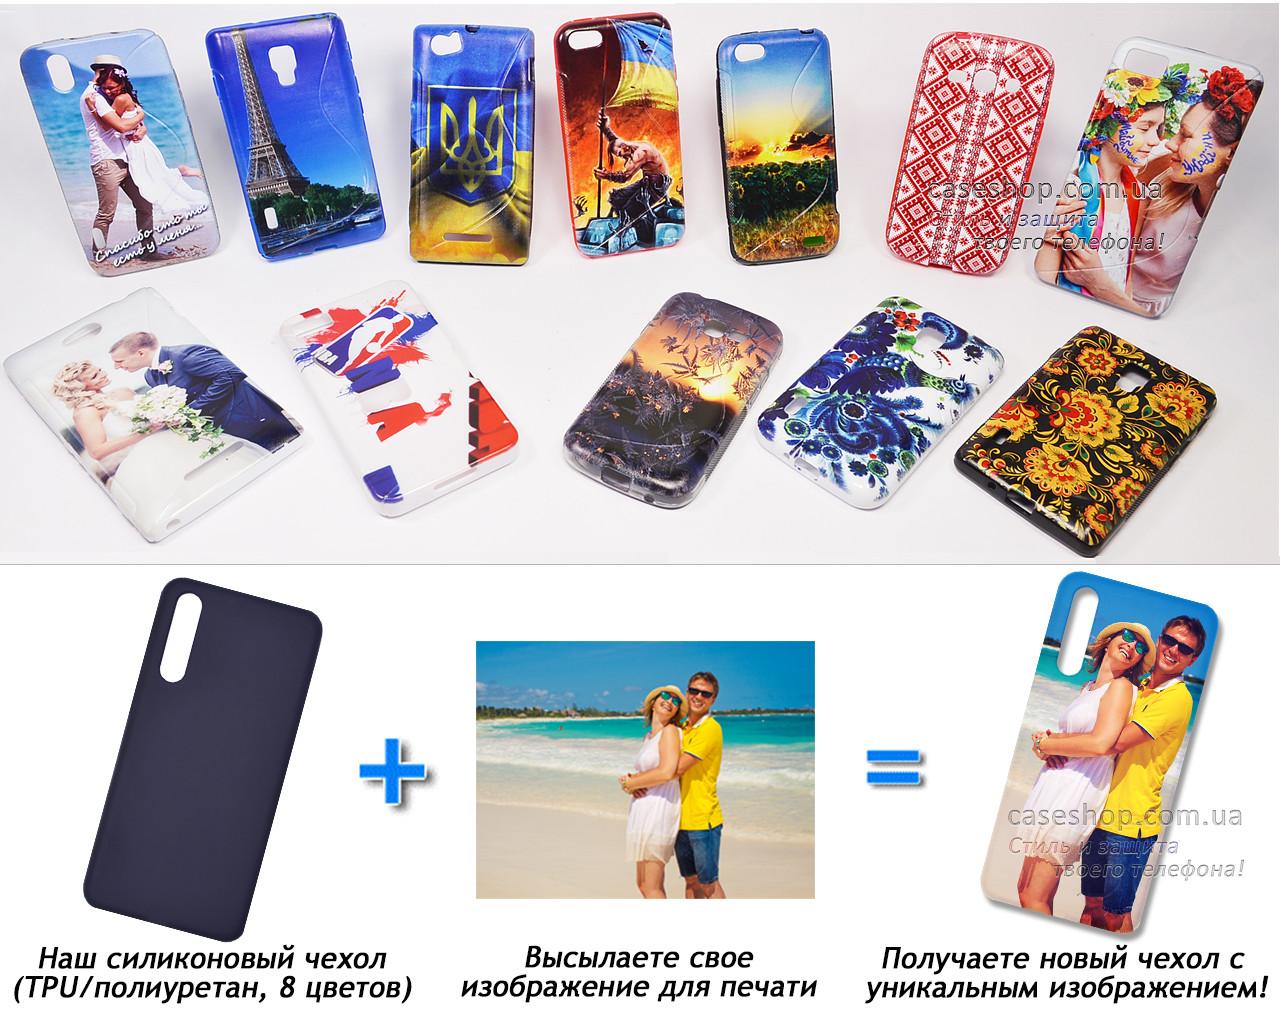 Печать на чехле для Samsung Galaxy A9 2018 A920 / A9 Star Pro / A9s (Cиликон/TPU)